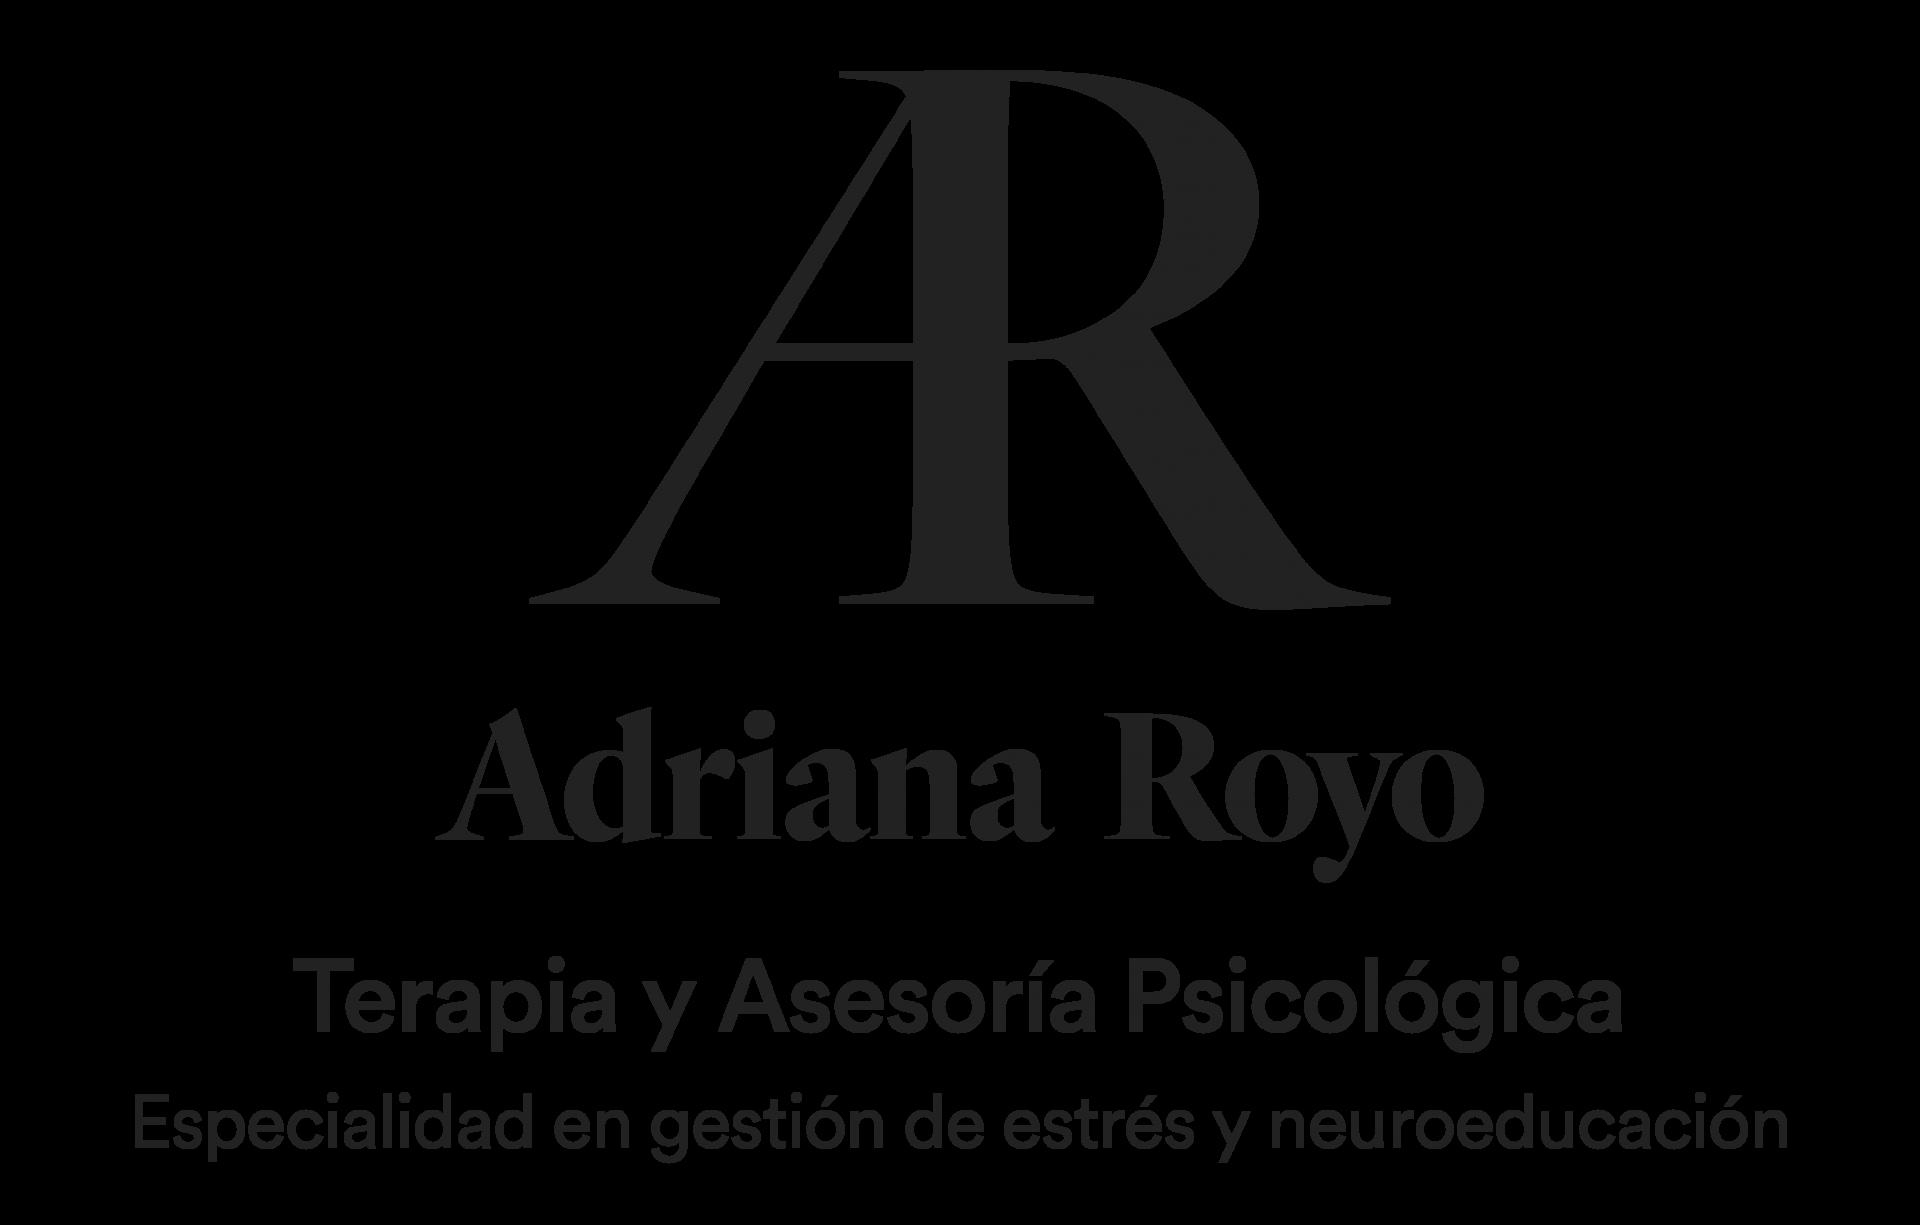 Adriana Royo Inicio